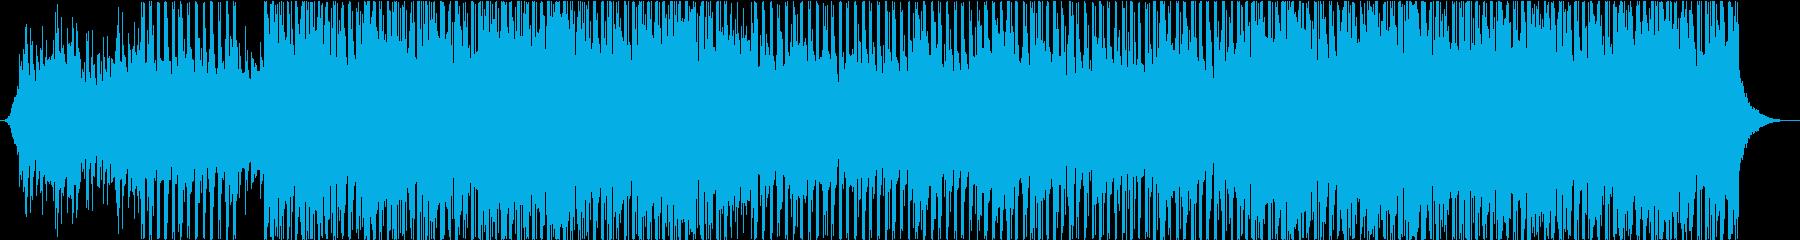 ポップハウストラックの再生済みの波形